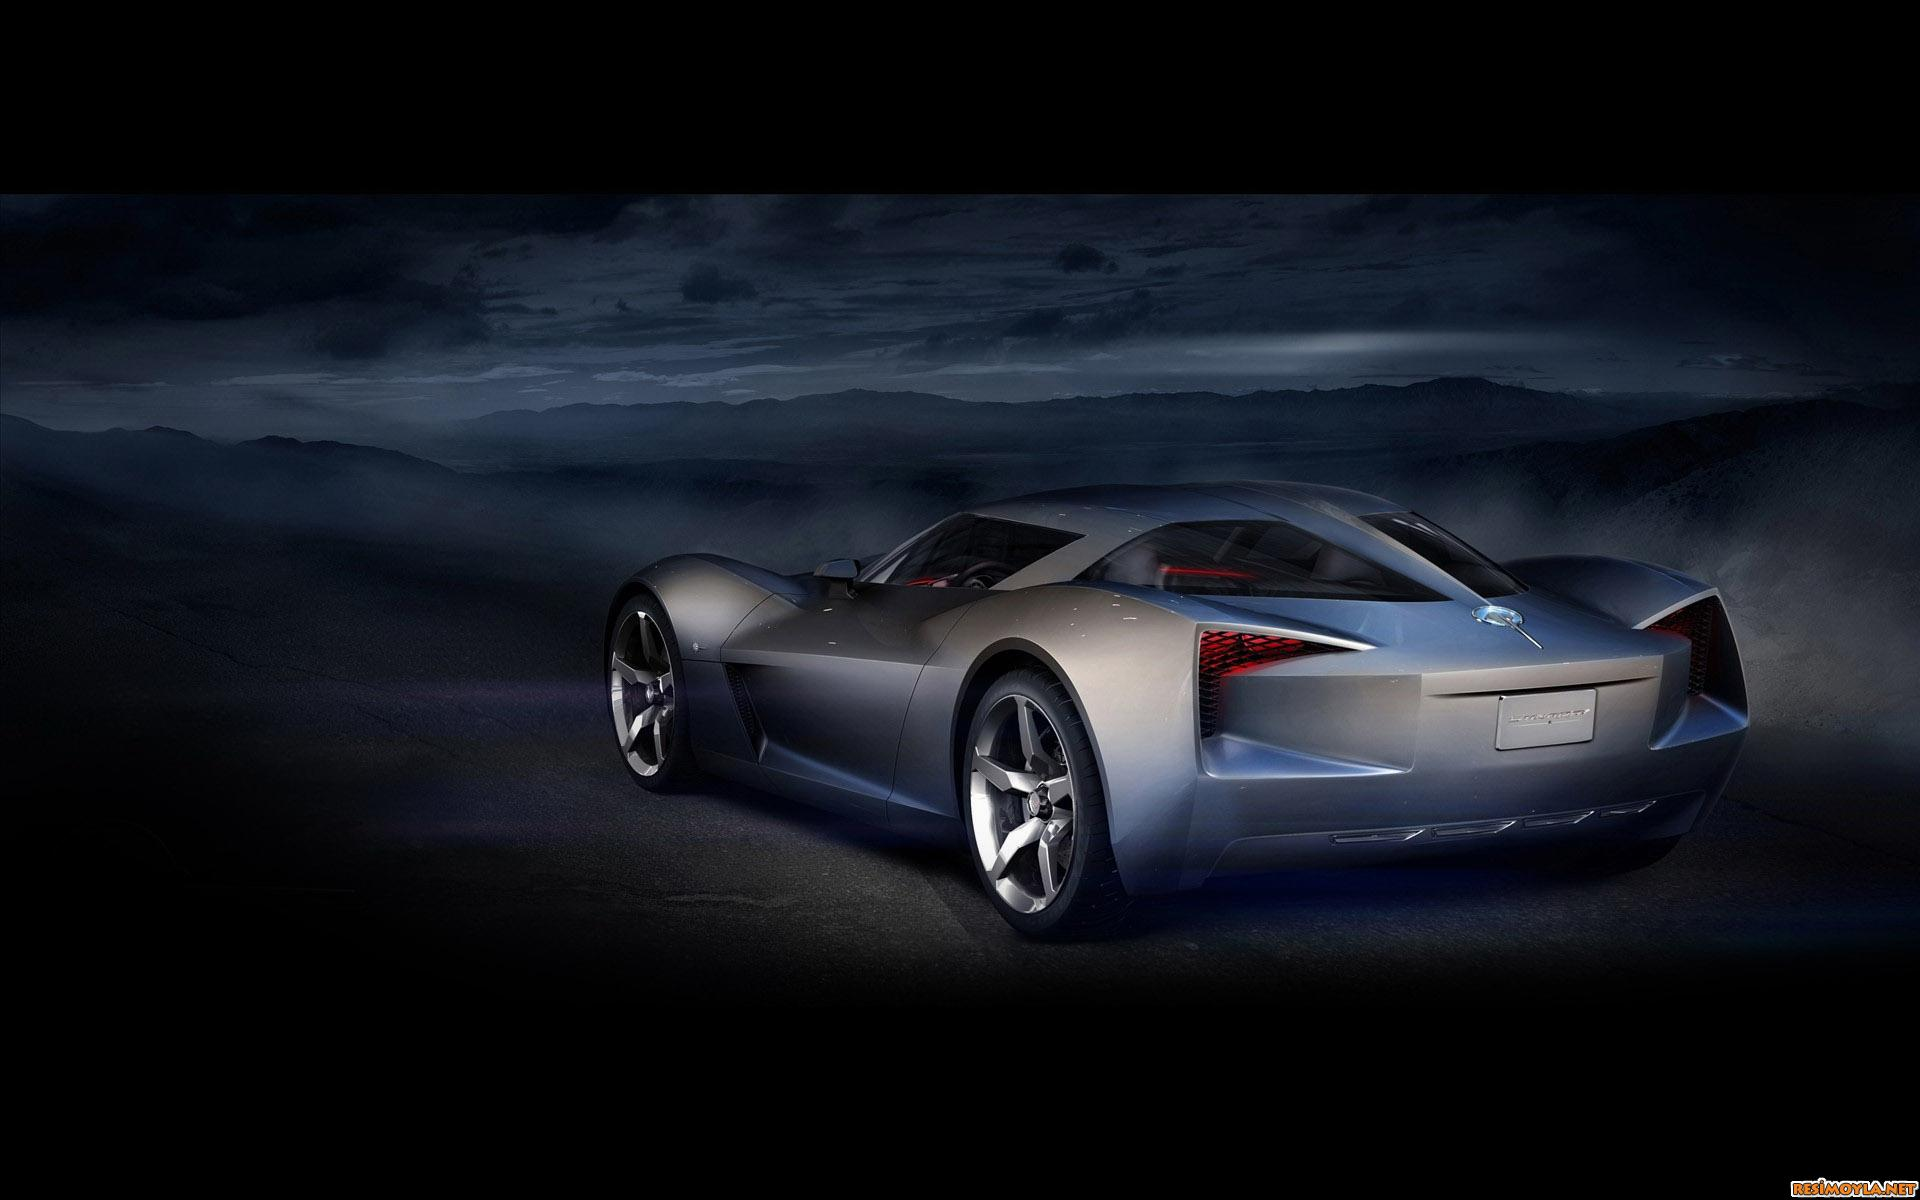 Futuristic Car Backgrounds 18885 1600x1200 px